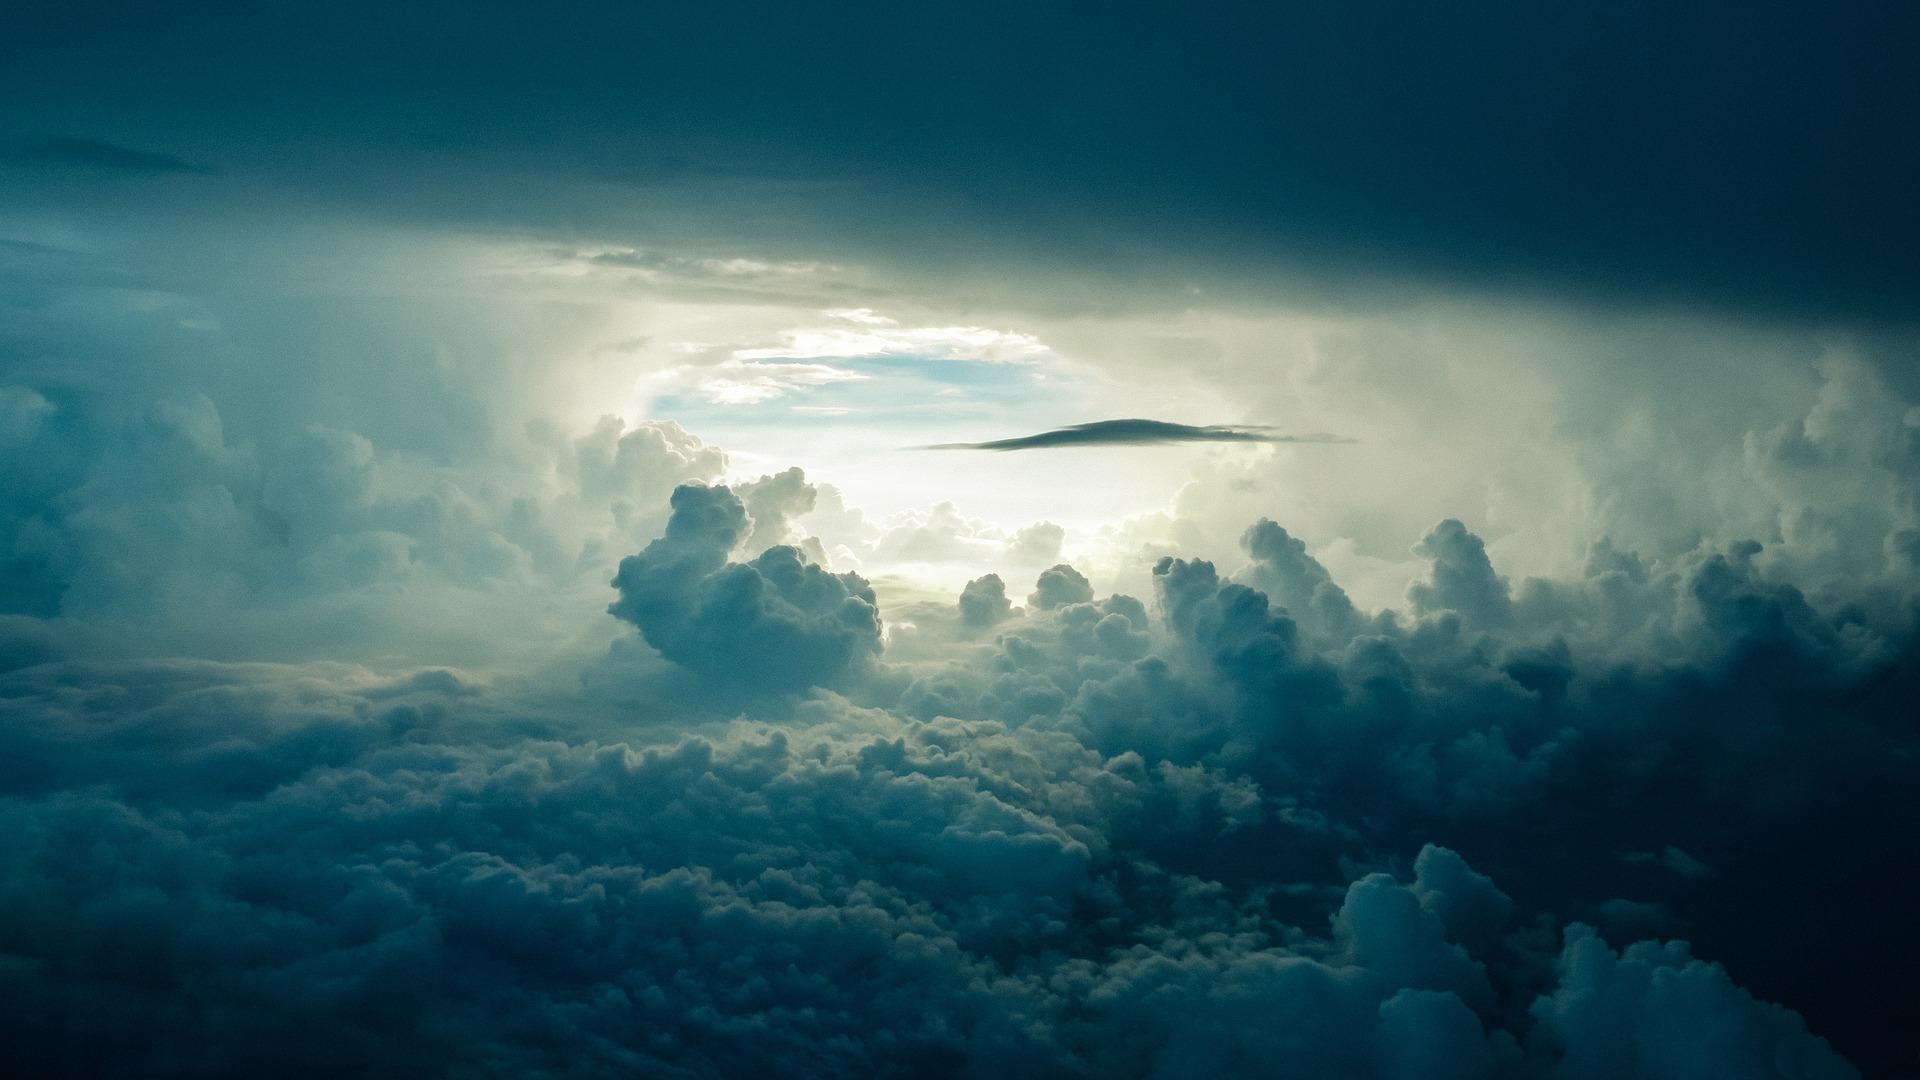 Pré-existência de Cristo ou Encarnação do Verbo - Doutrina verdadeira?